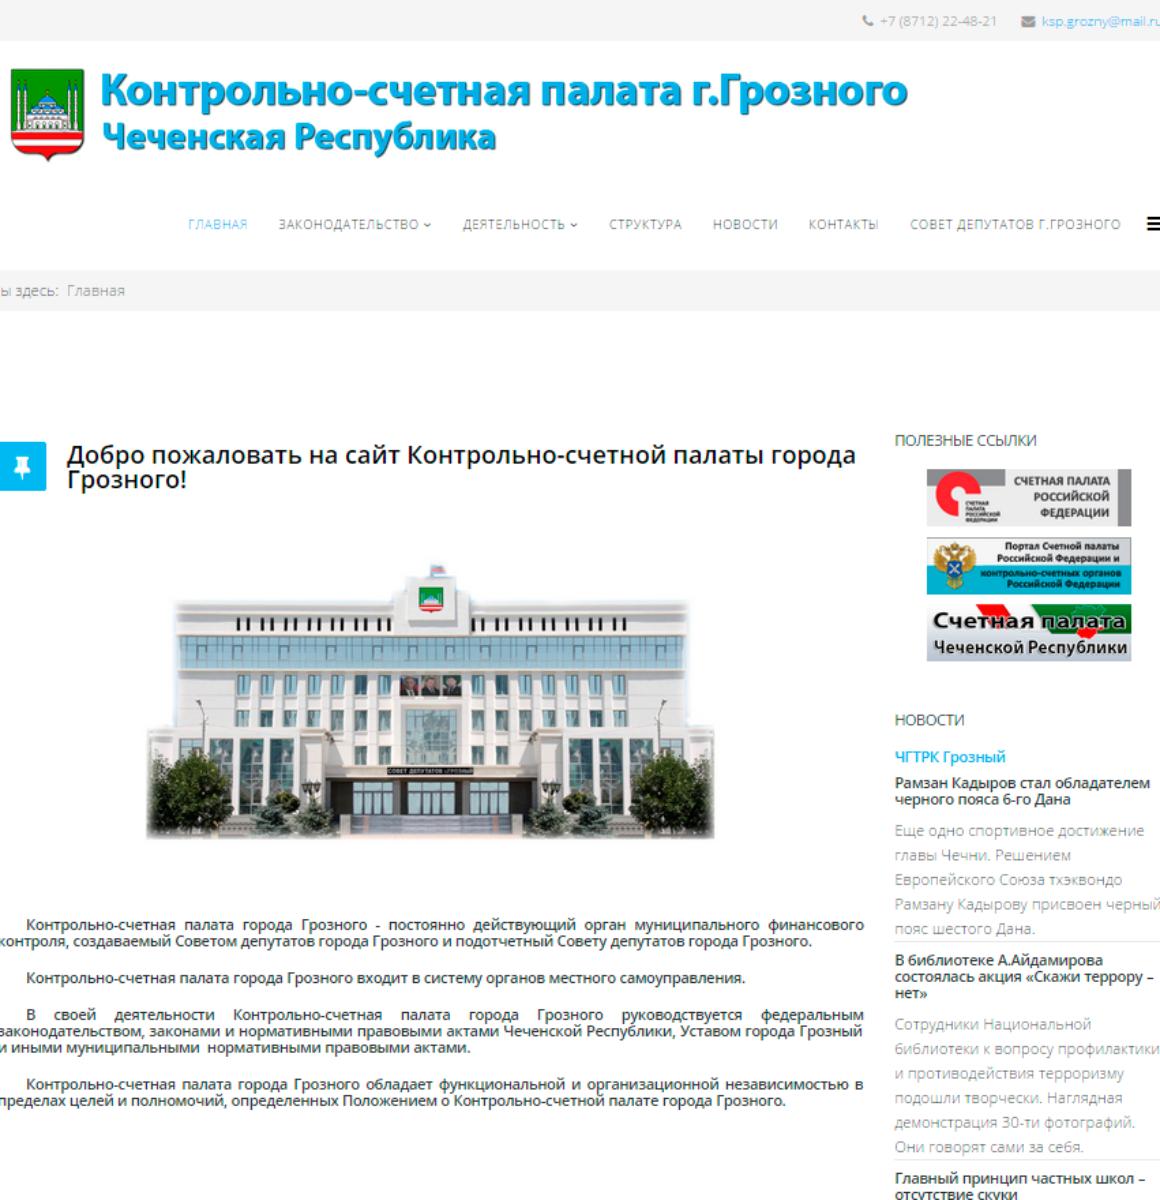 Сайт Контрольно-Счетной палаты г.Грозного